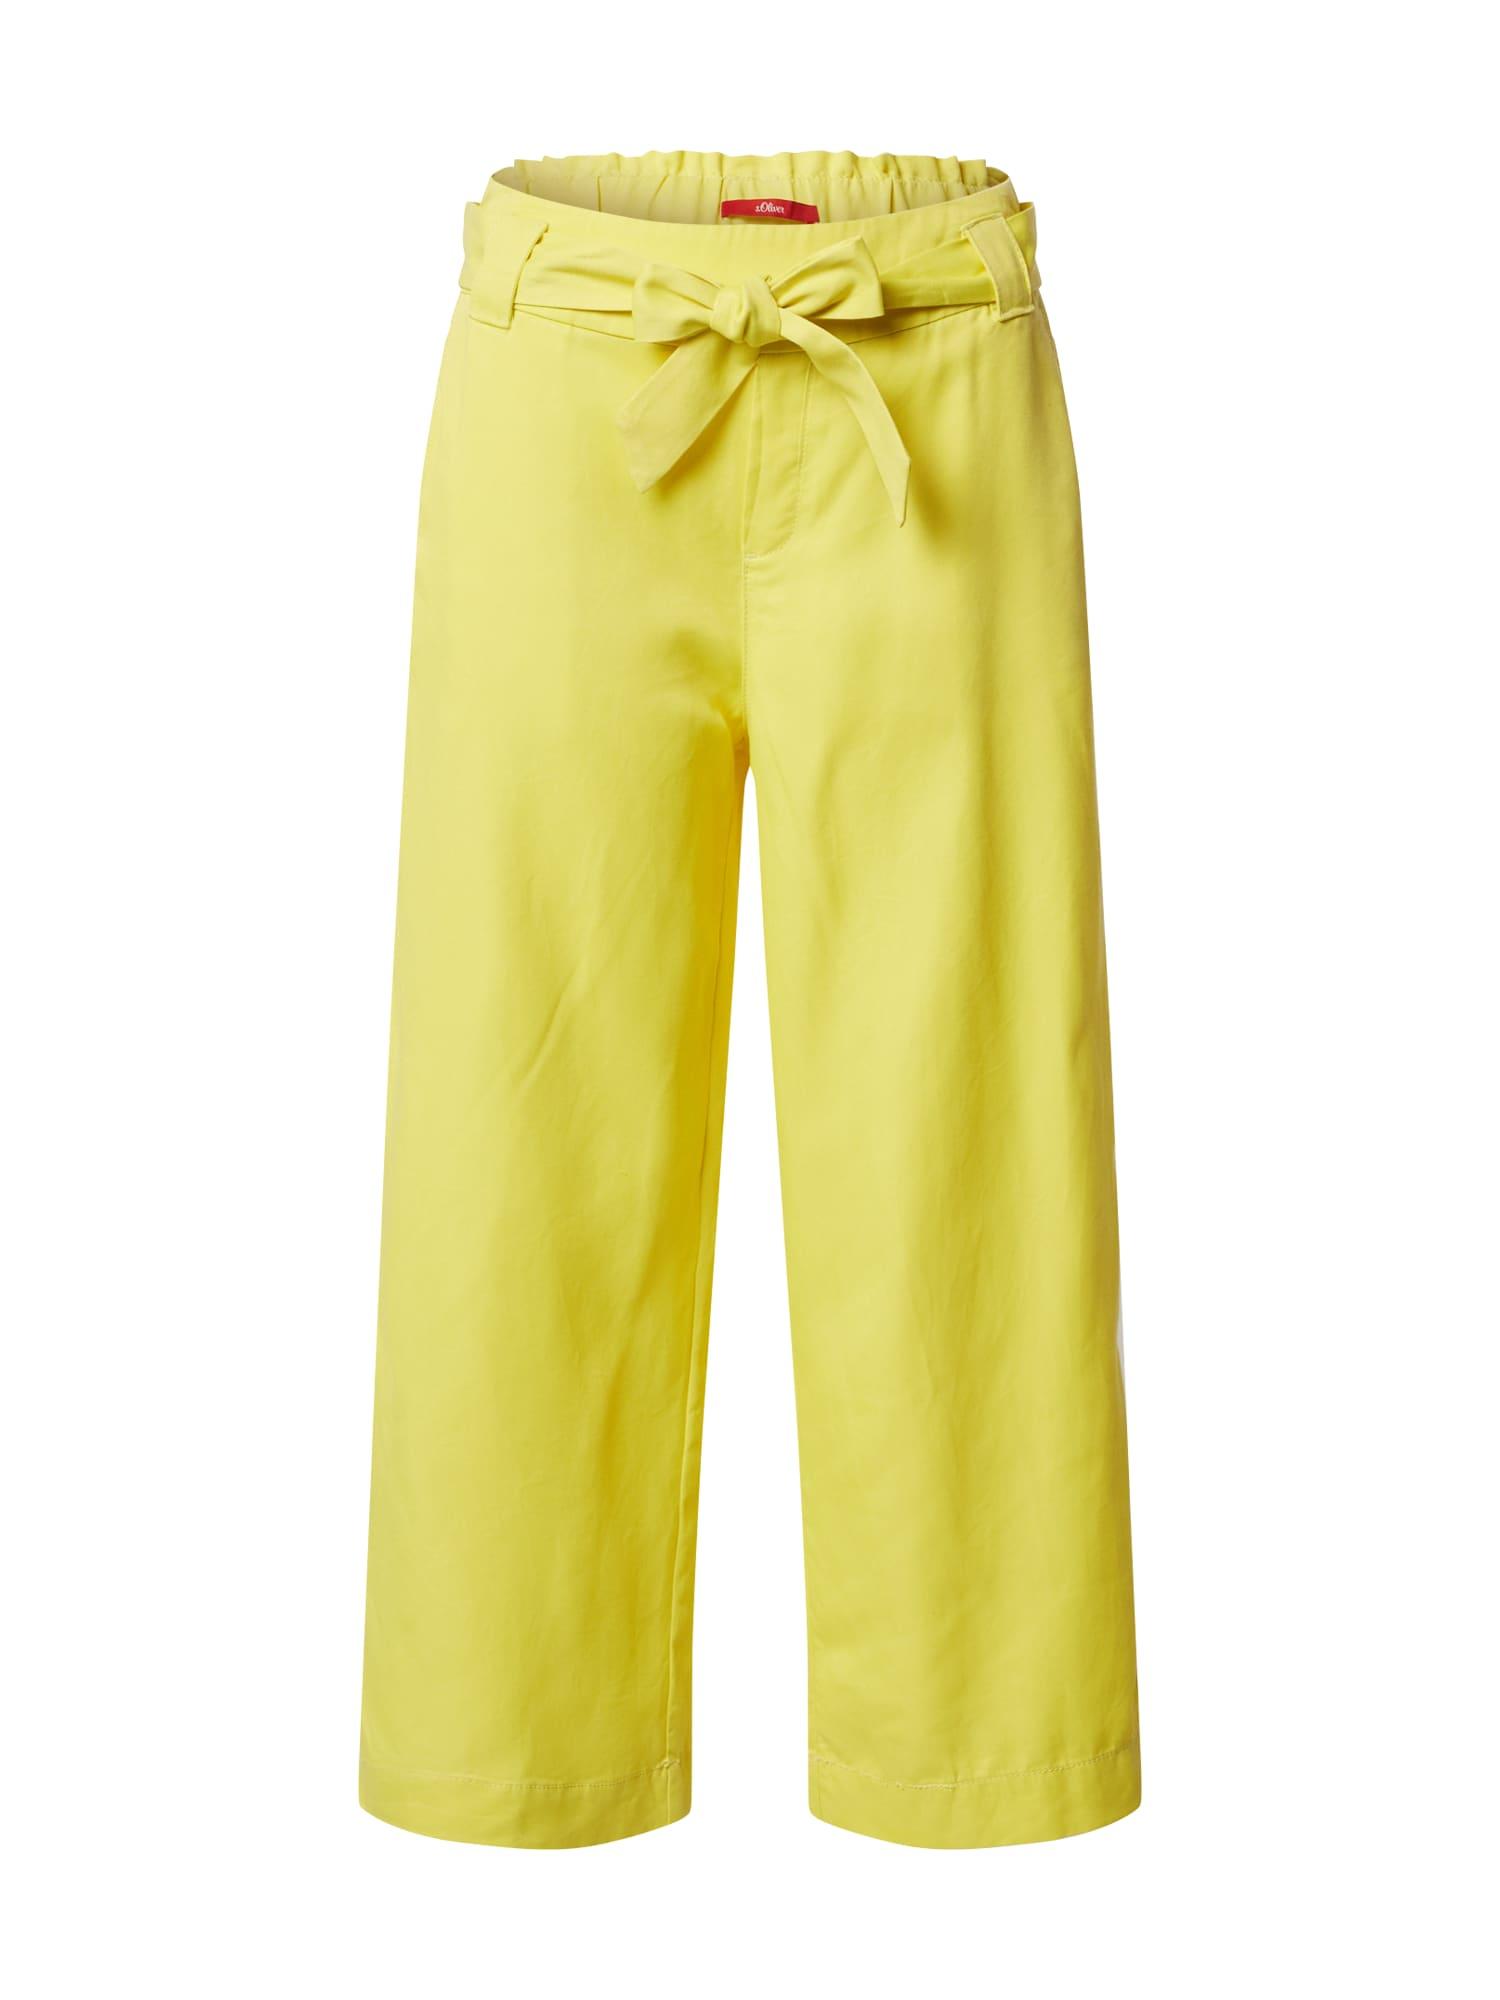 s.Oliver Nohavice  žlté